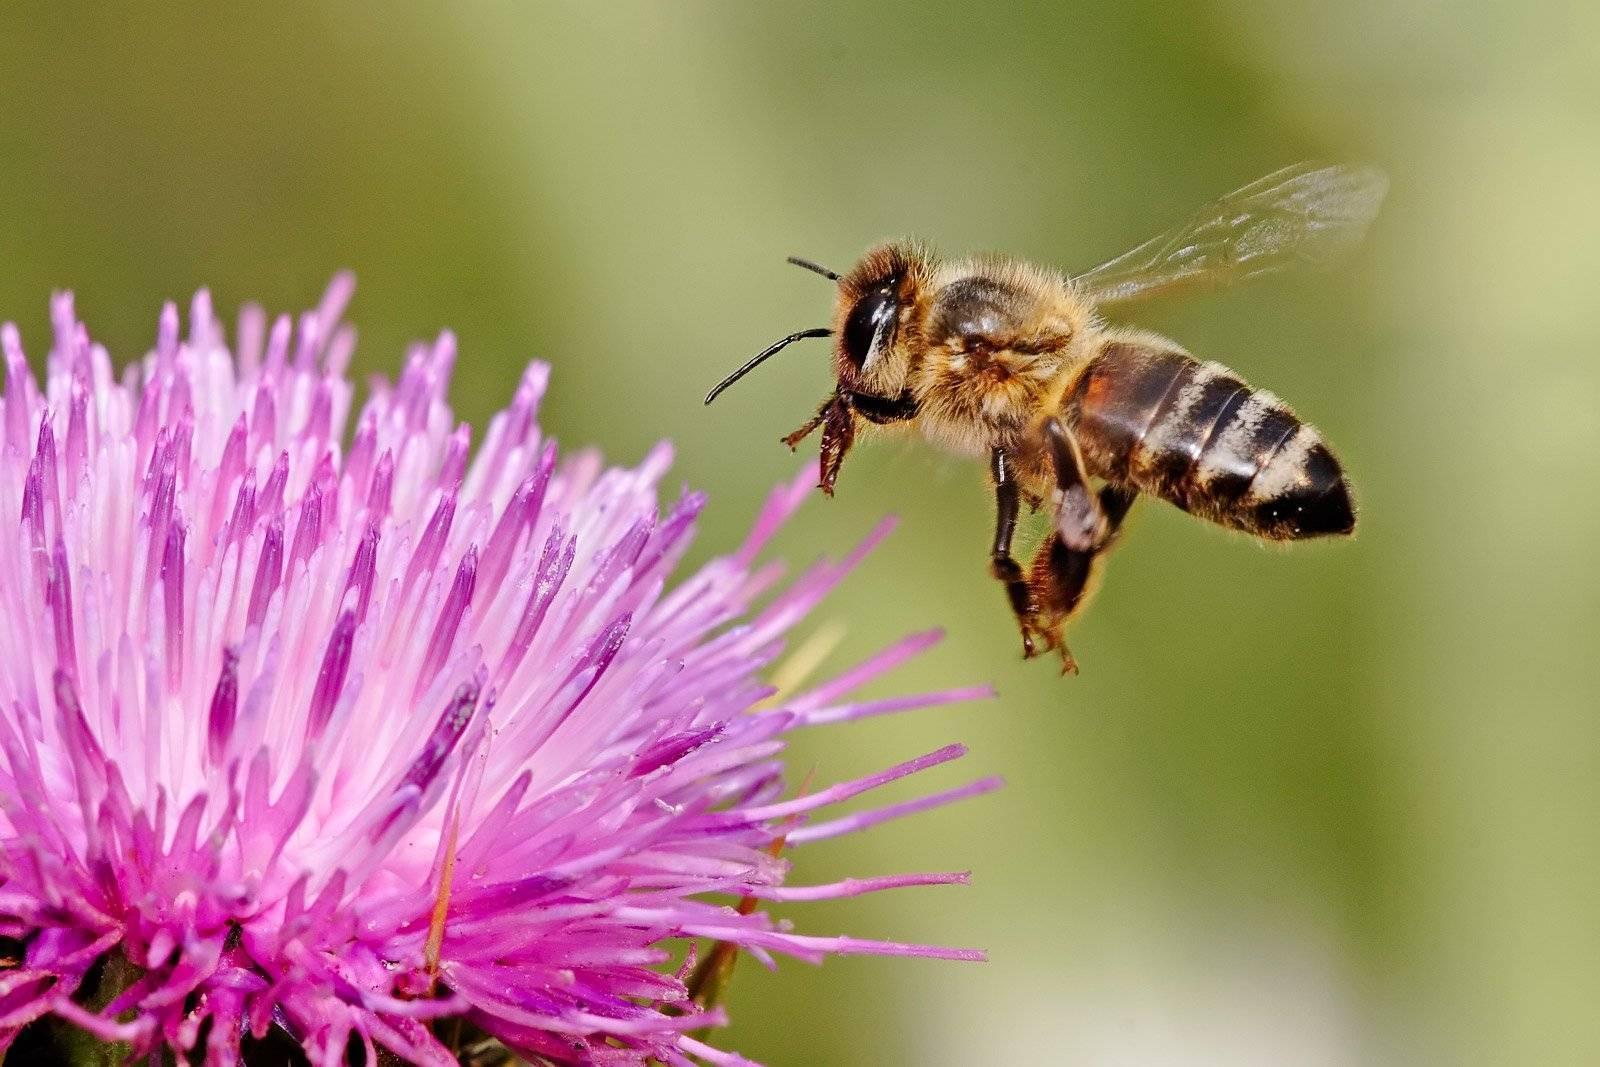 Пчелы исчезают. почему вымирают пчелы и чем это грозит людям? что будет, если пчелы исчезнут